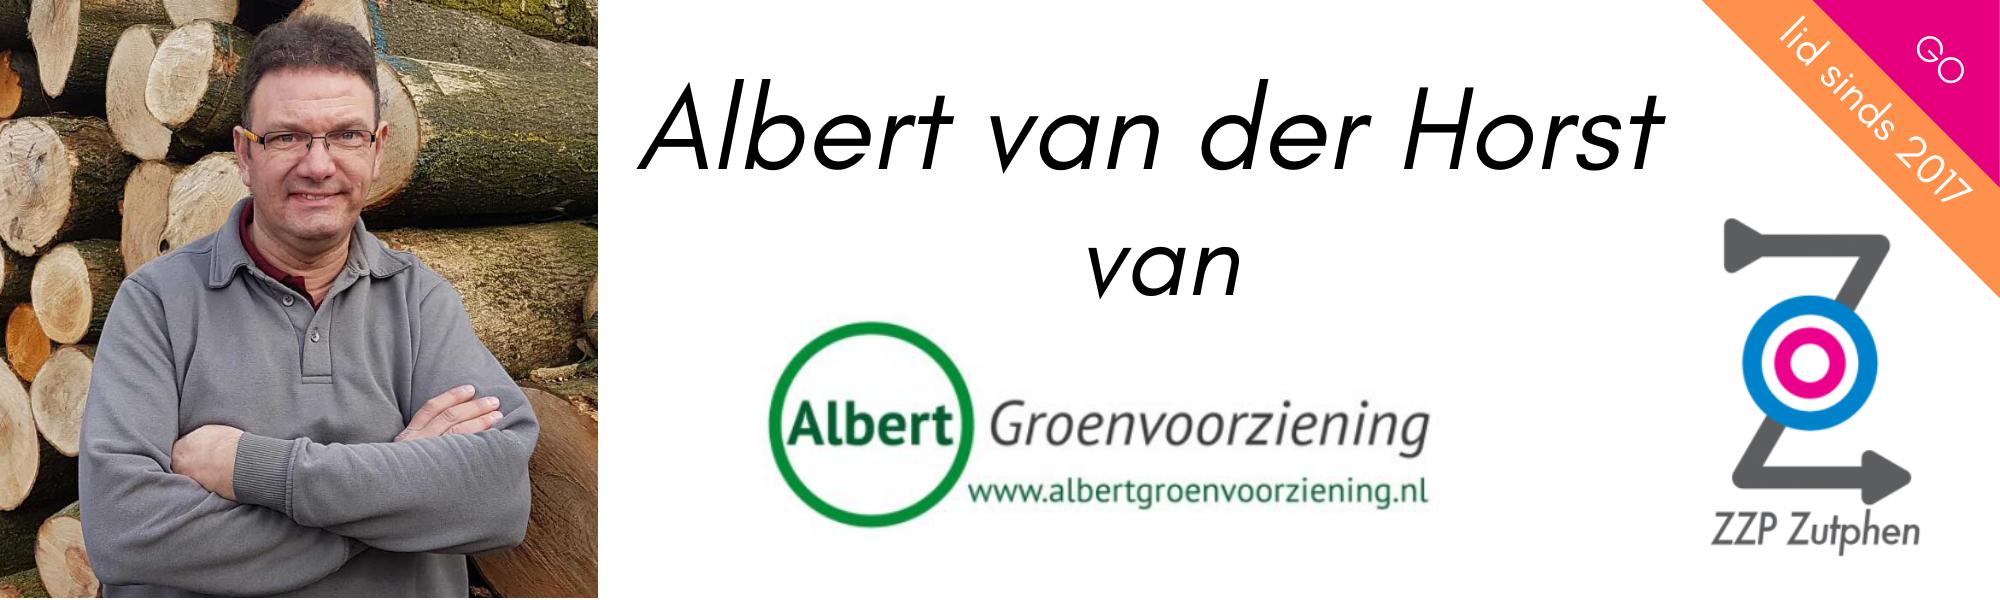 Hovenier tuinman Zutphen